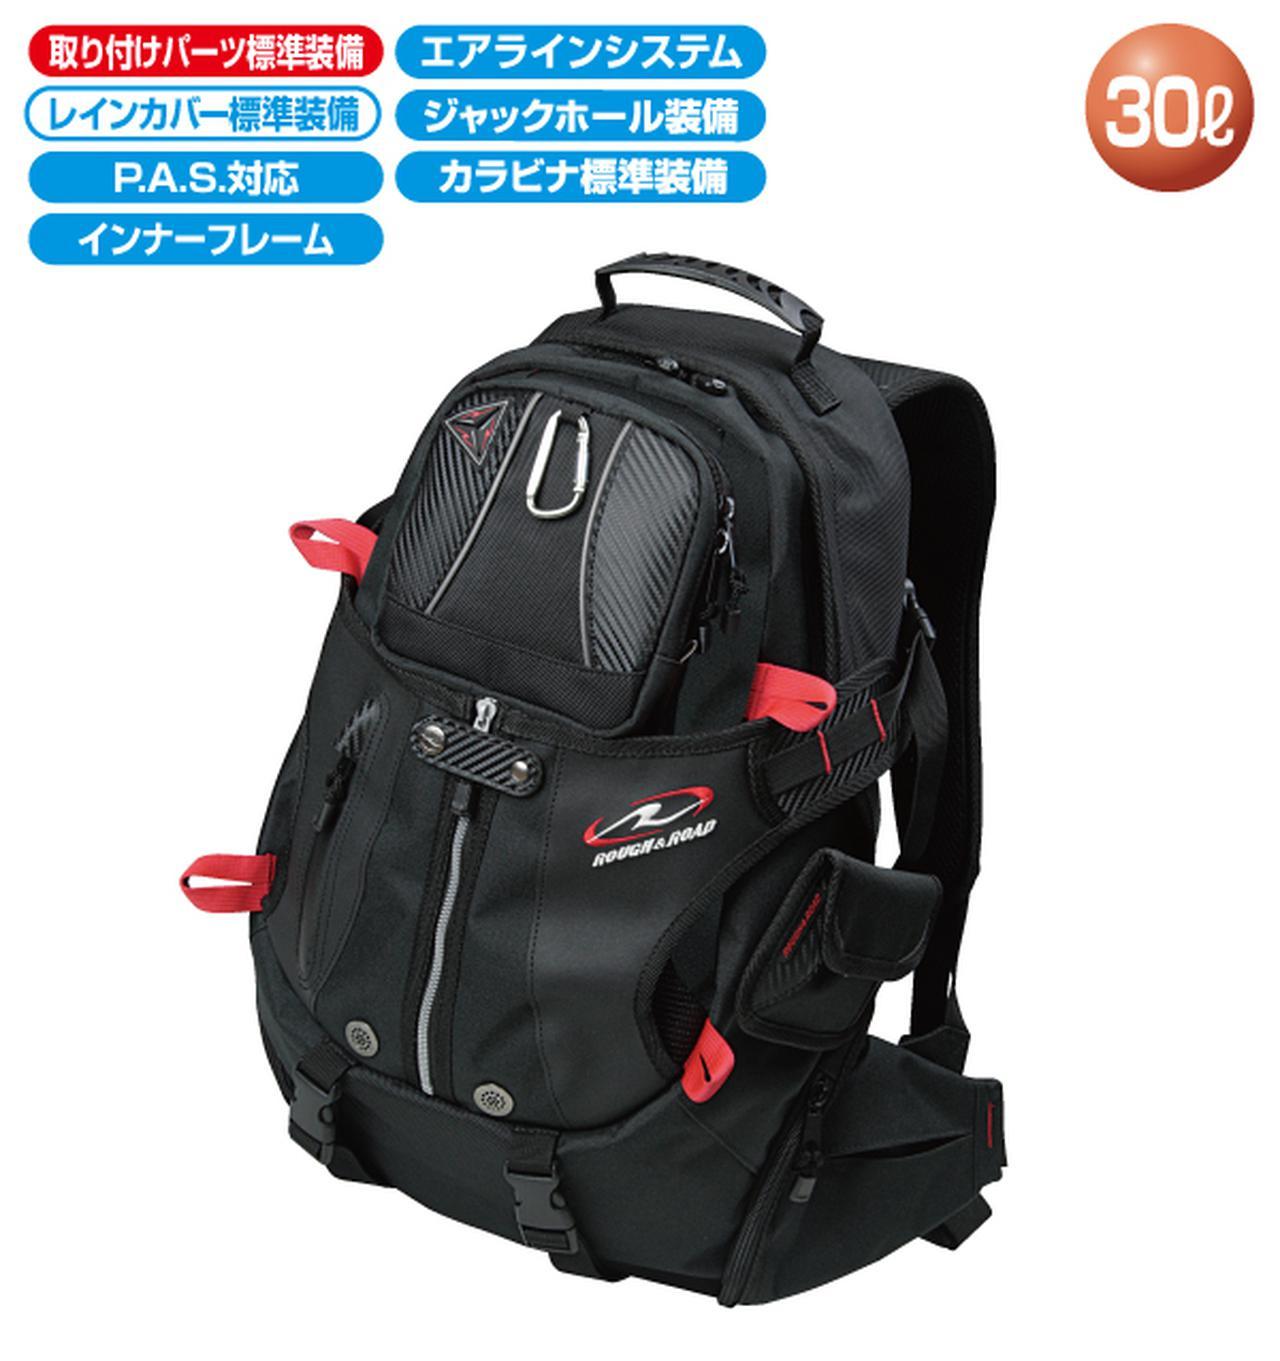 画像: PRODUCT INFORMATION: RR6052 アタックザック